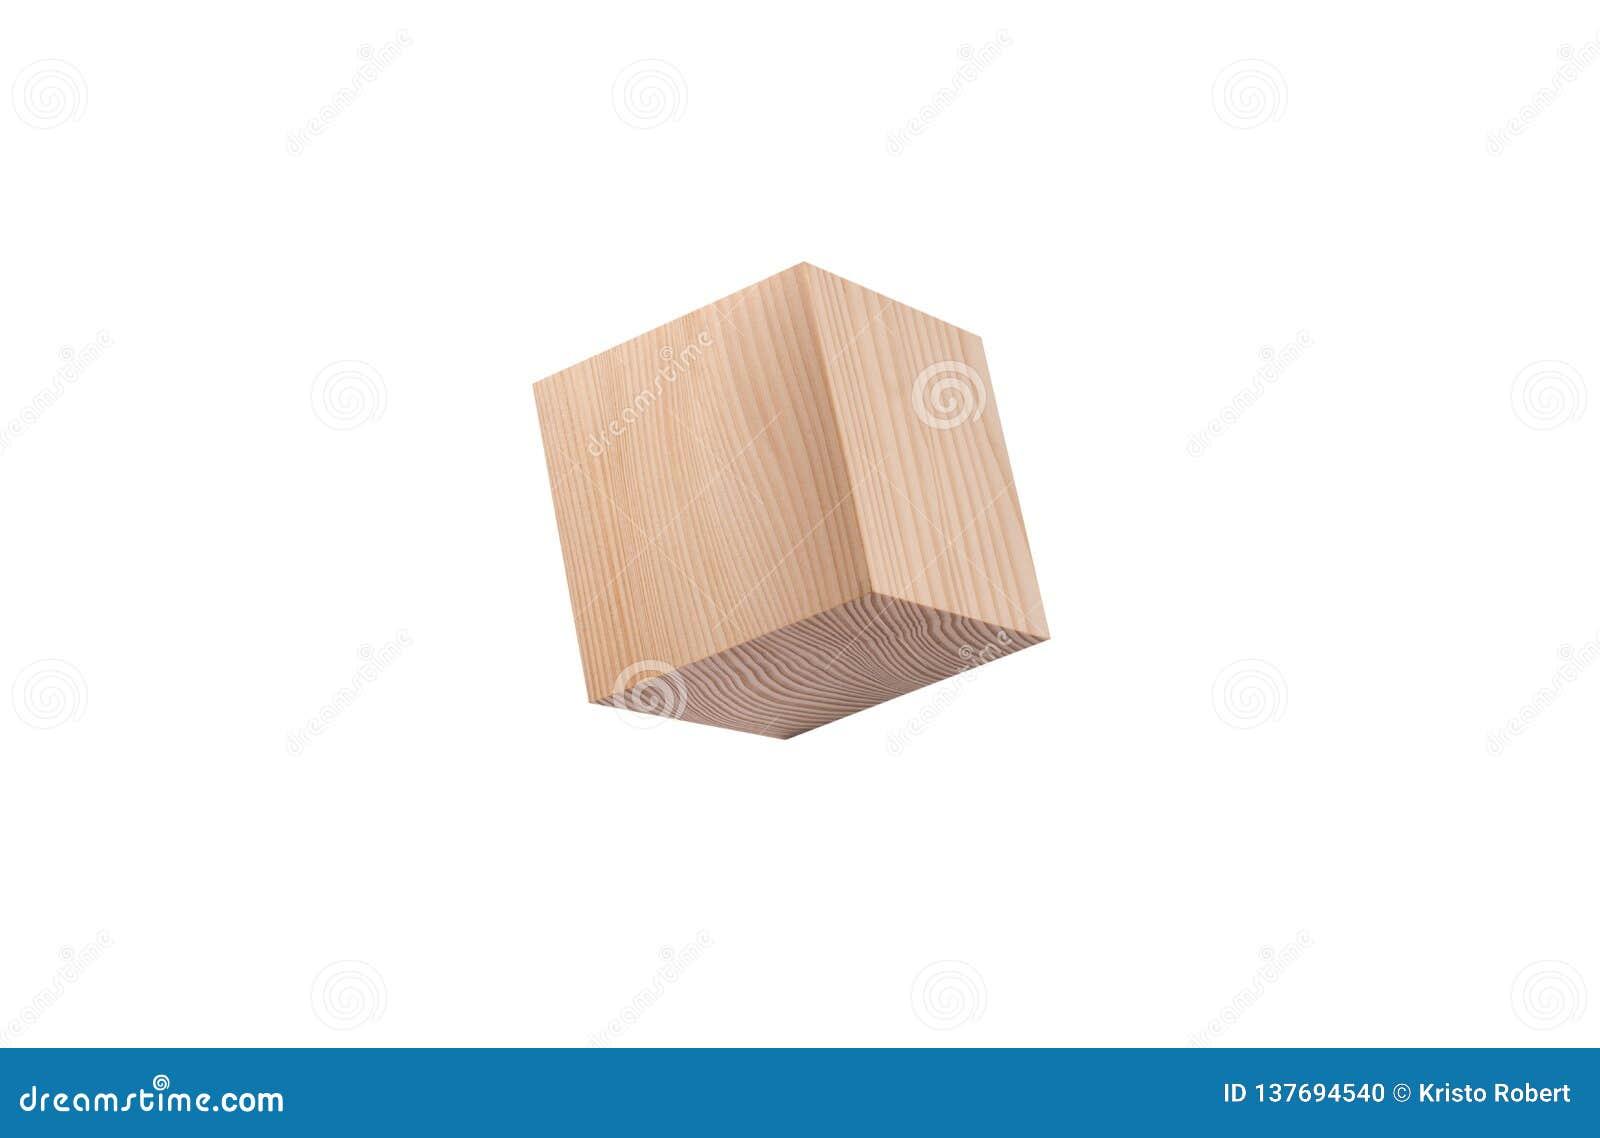 Sörja träkuben